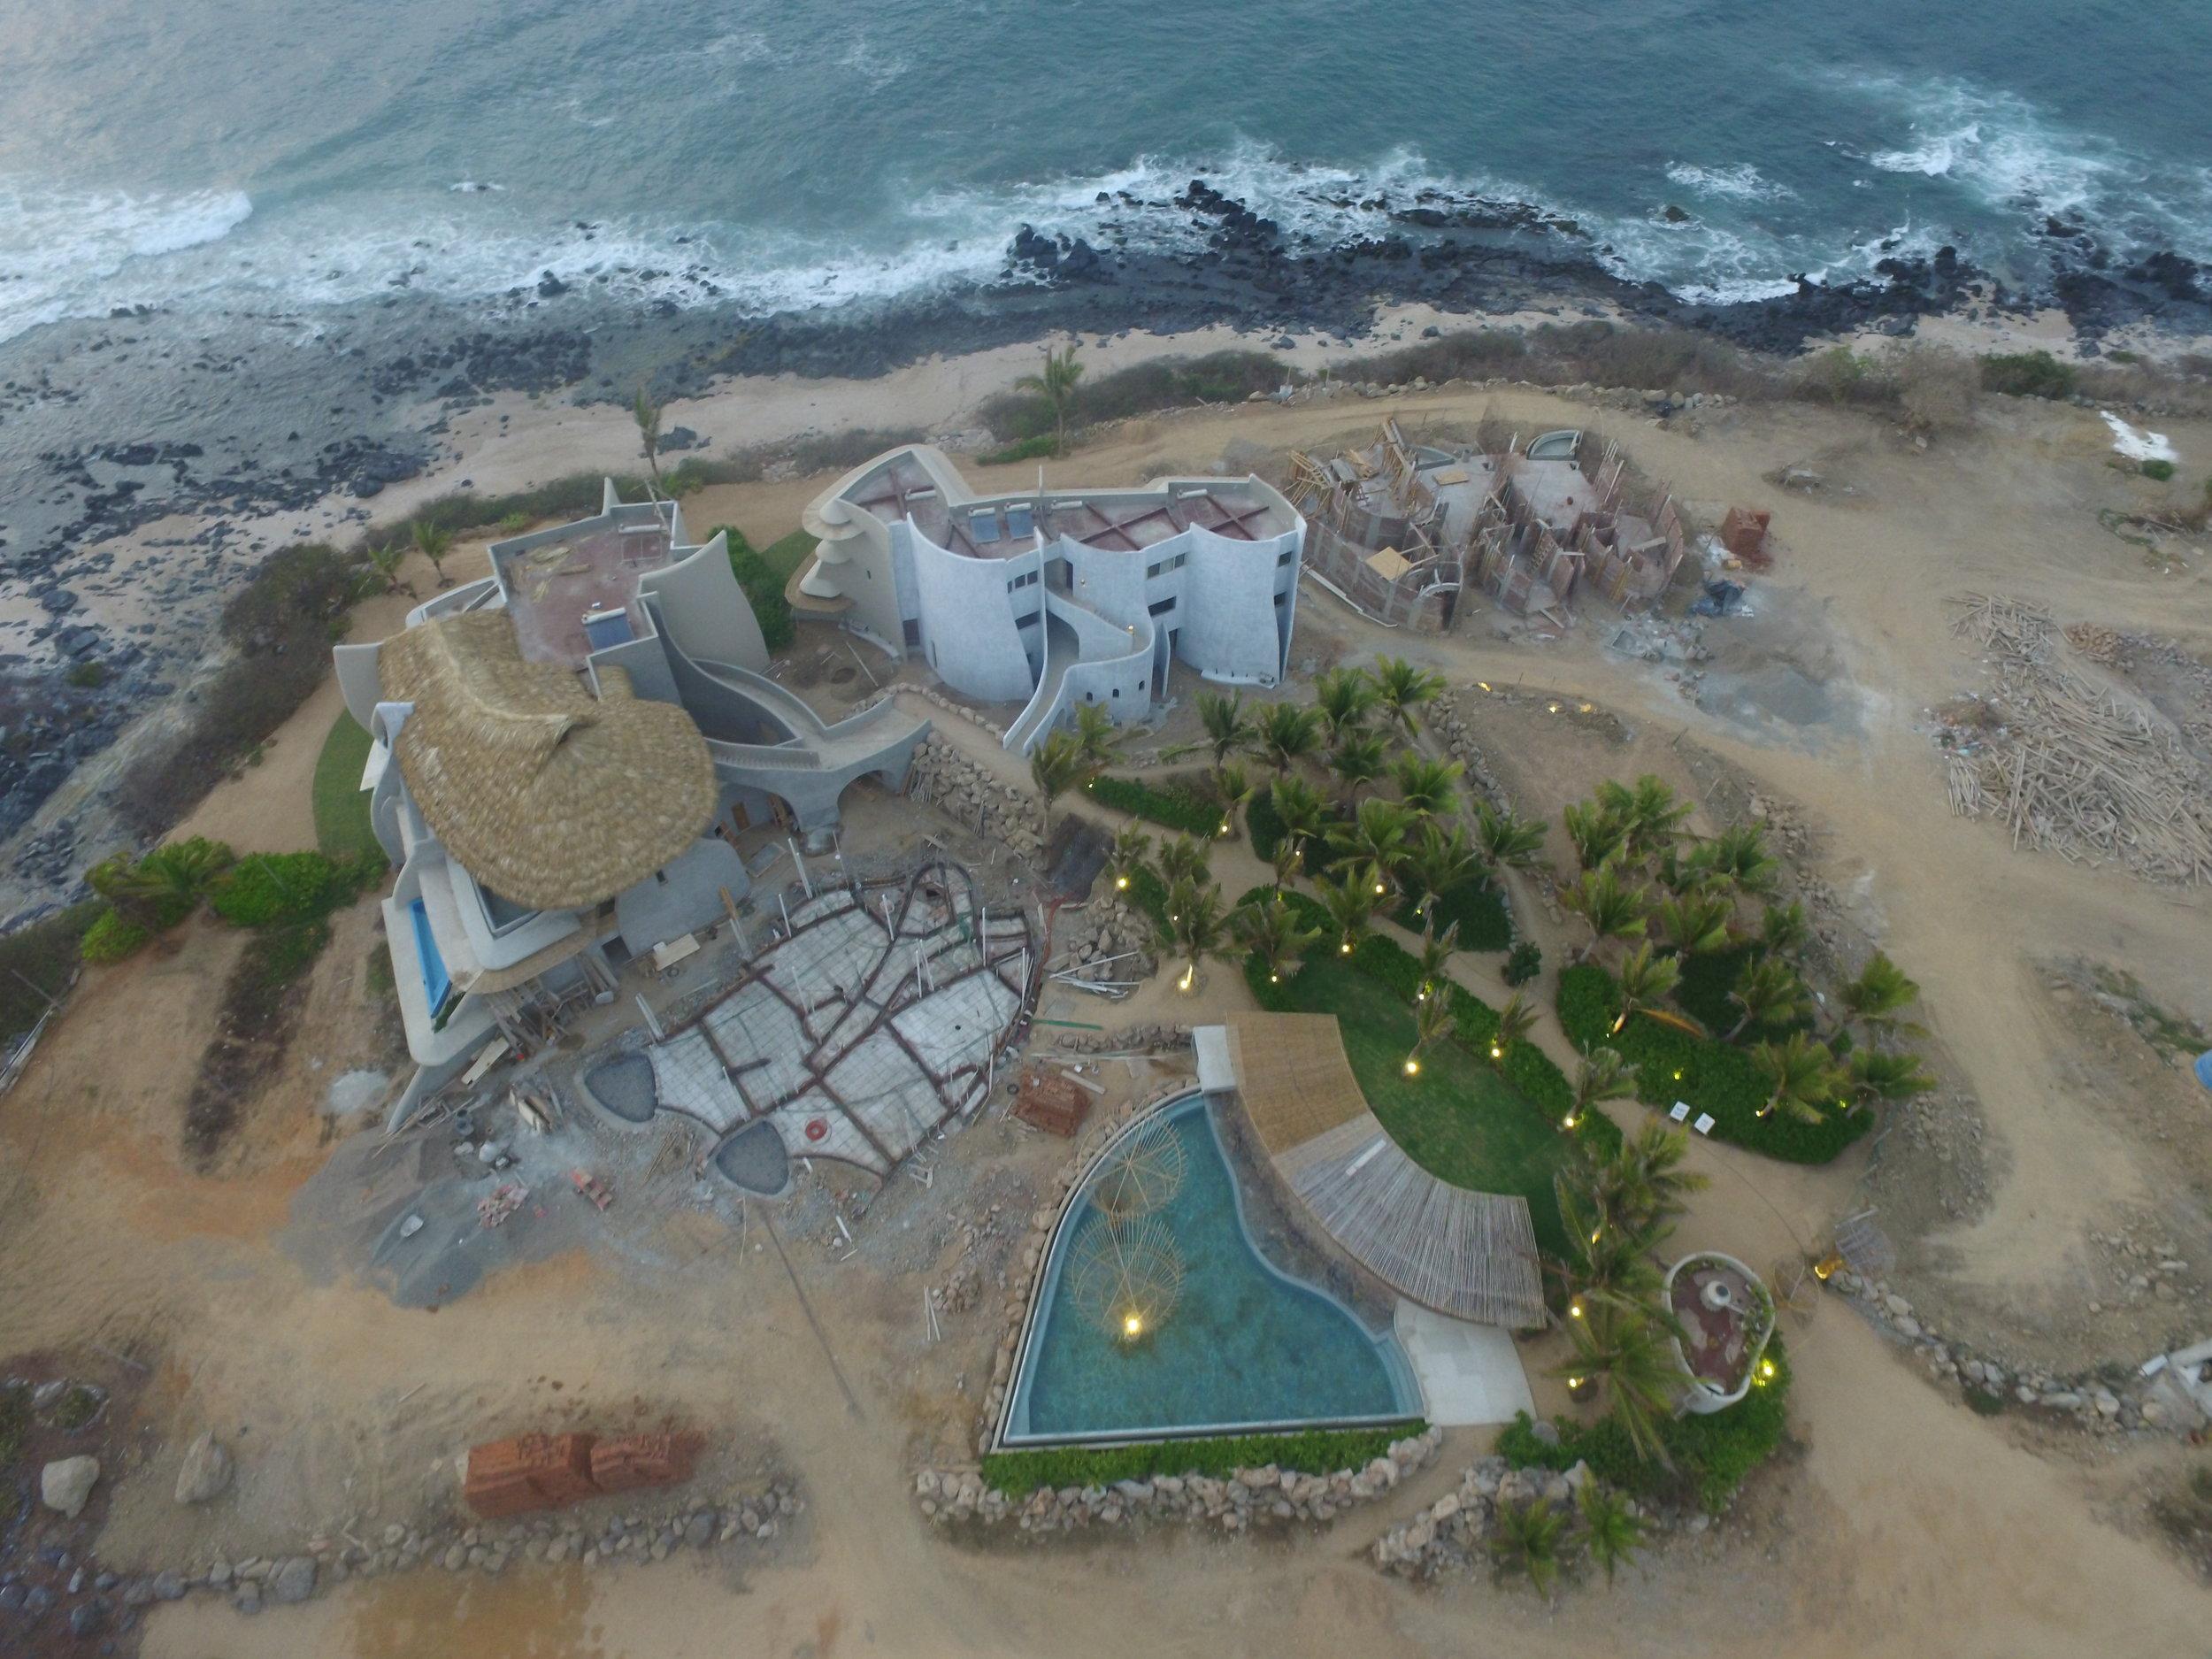 Punta Majahua from the sky